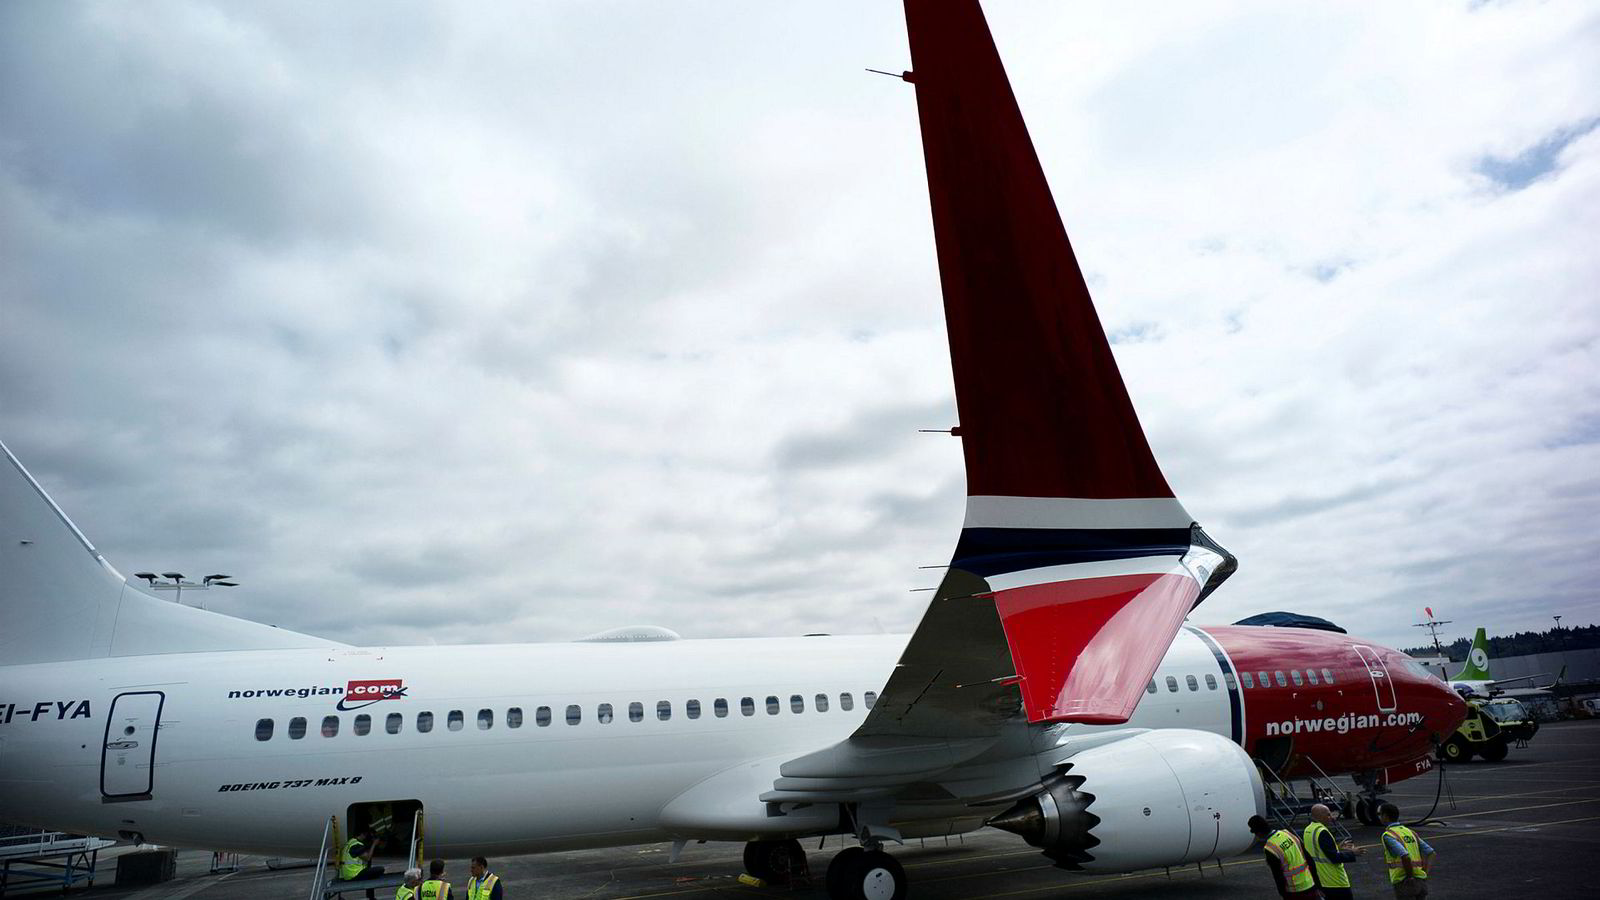 Norwegian-ledelsen har vært på Boeings fabrikk i Seattle i USA, men kan ikke si når Boeing 737 Max-flyet er tilbake i rute.